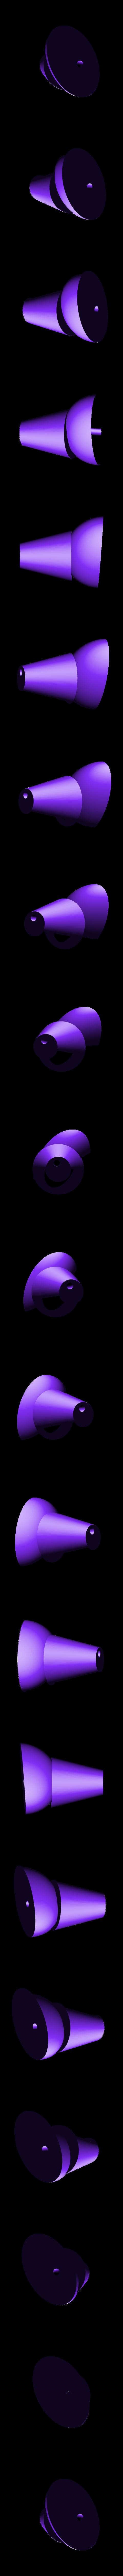 leg_R.stl Télécharger fichier STL gratuit Les outils sont l'homme • Modèle pour imprimante 3D, Job